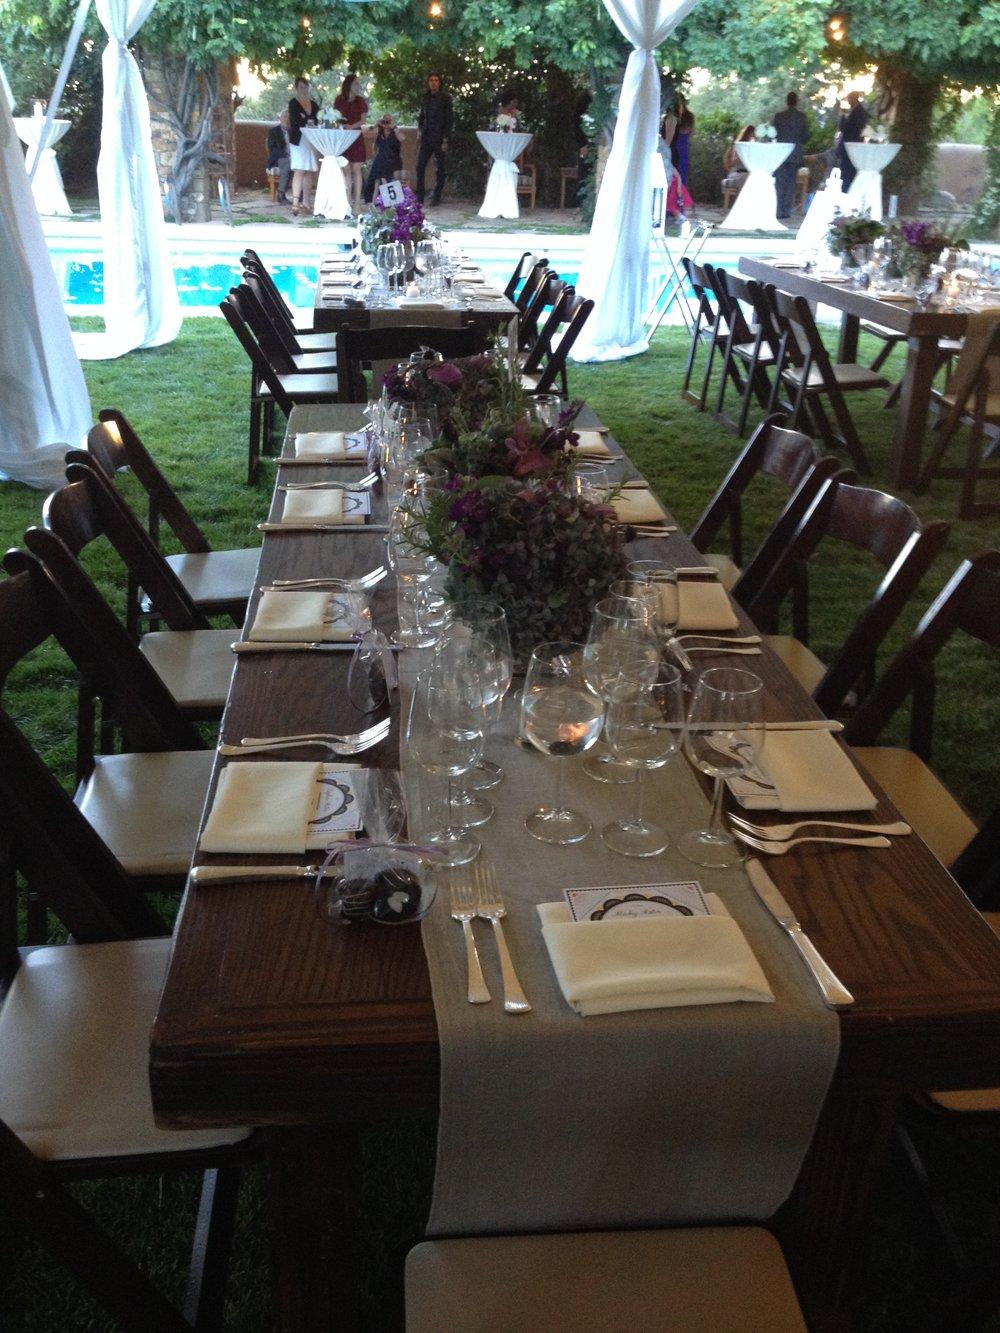 Benjamin/Nazari wedding - Rentals from Classic Party Rentals